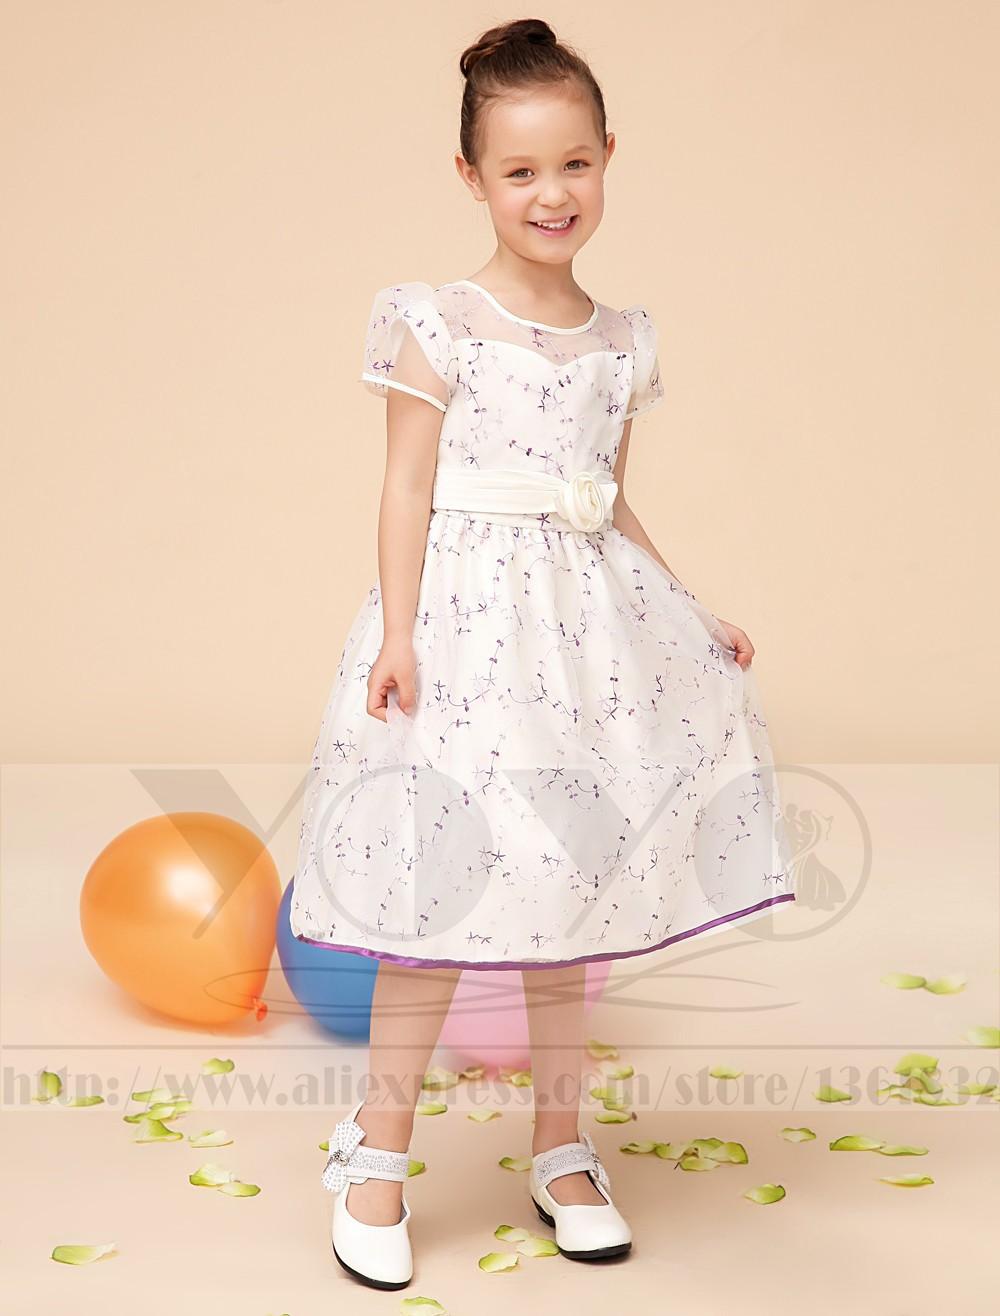 Скидки на Элегантный дань шелка и вышивка кот детей платья с створки девушки дети формальные торжества платья